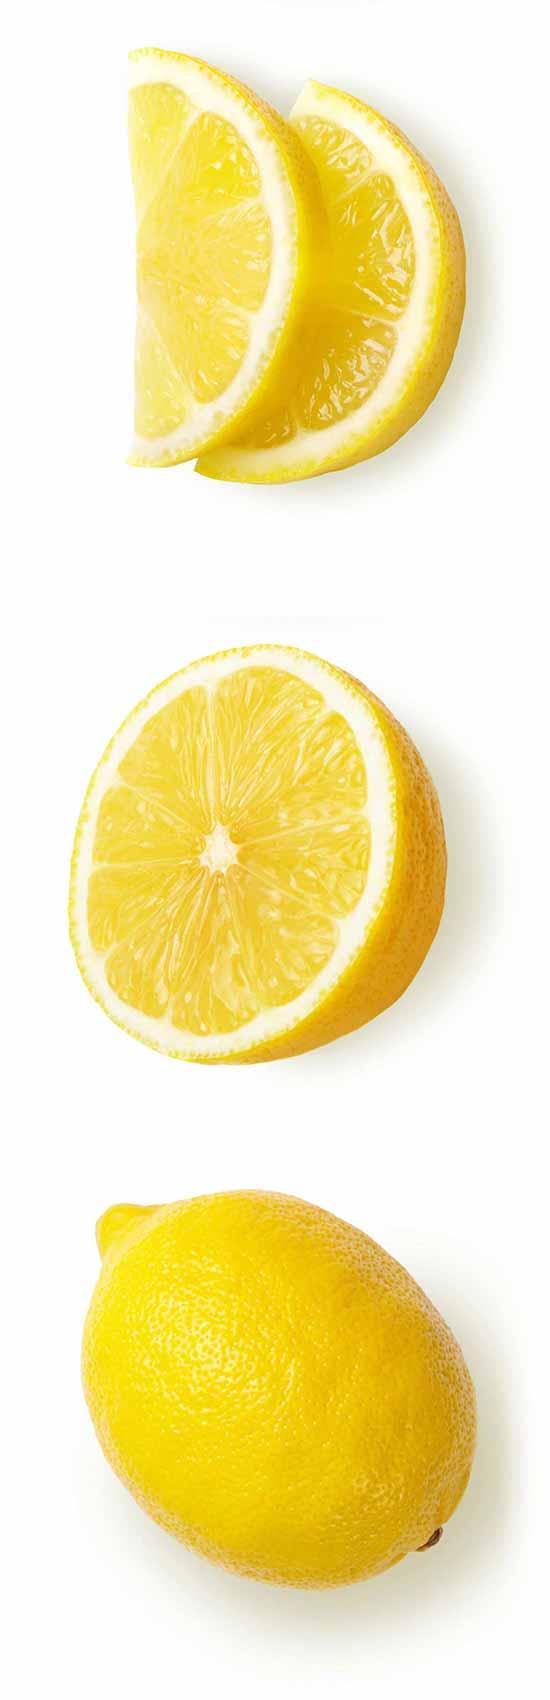 citron biologiques pour sorbet